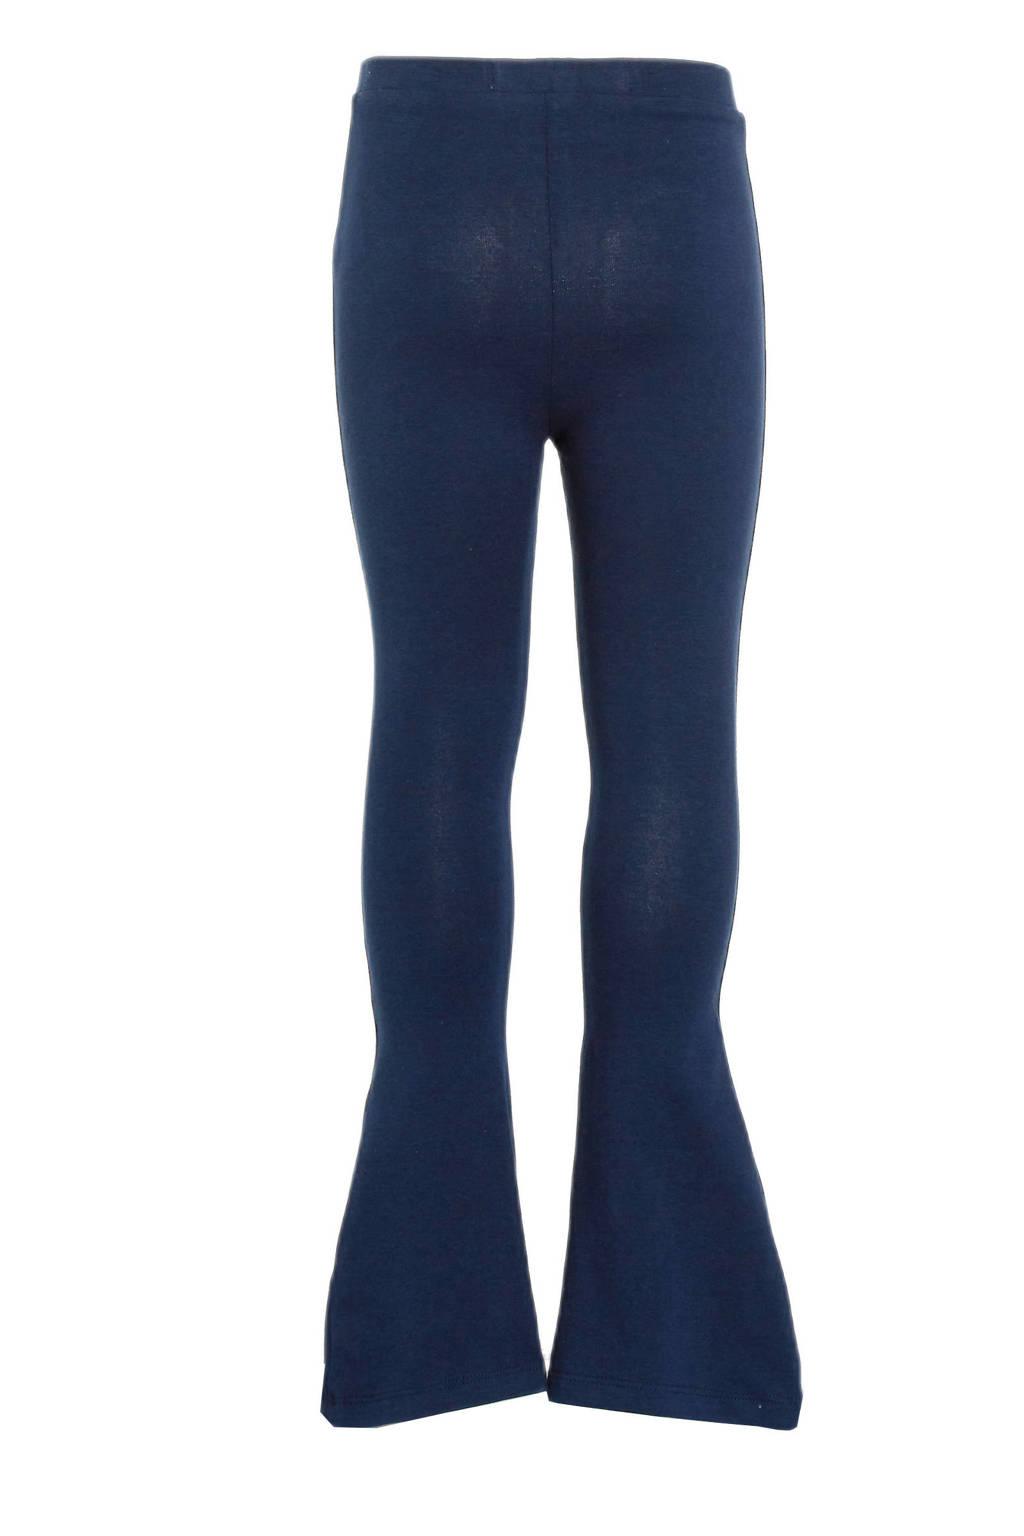 Vingino flared broek Sanja donkerblauw, Donkerblauw